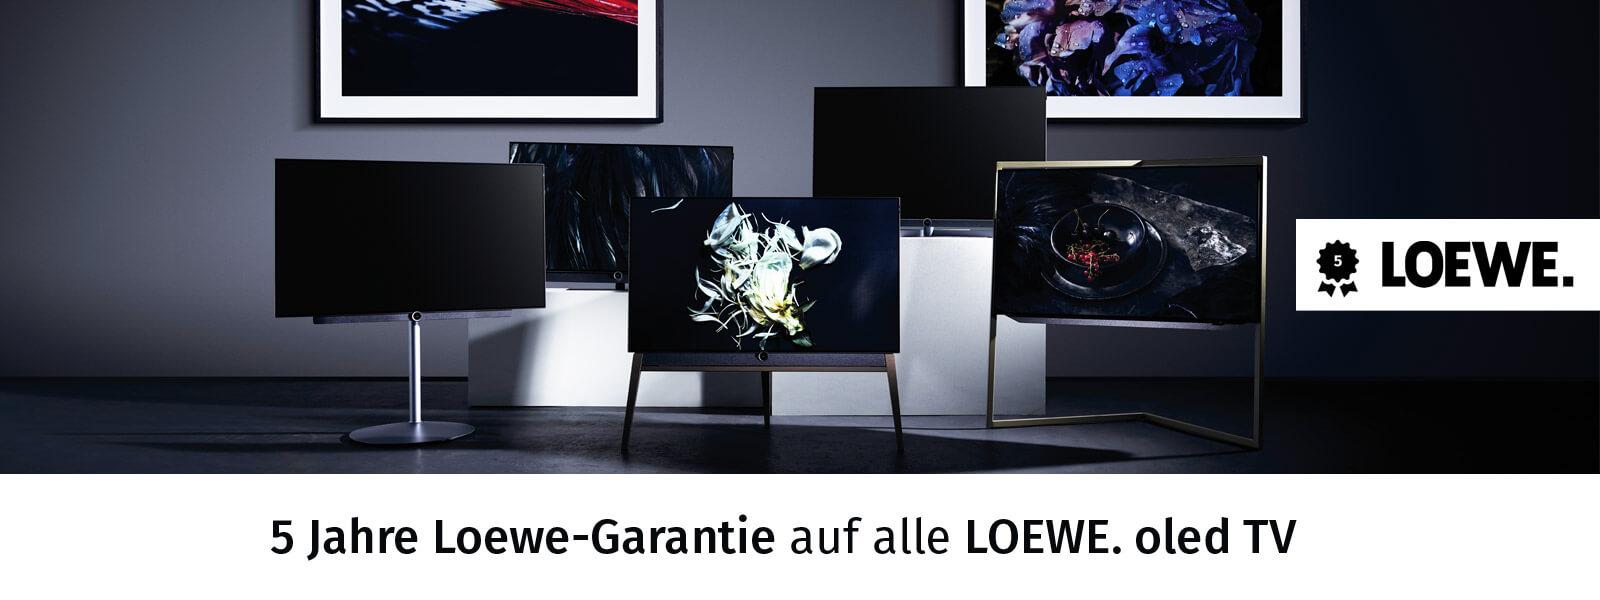 Loewe OLED Fernseher in Plauen - 5 Jahre Garantie